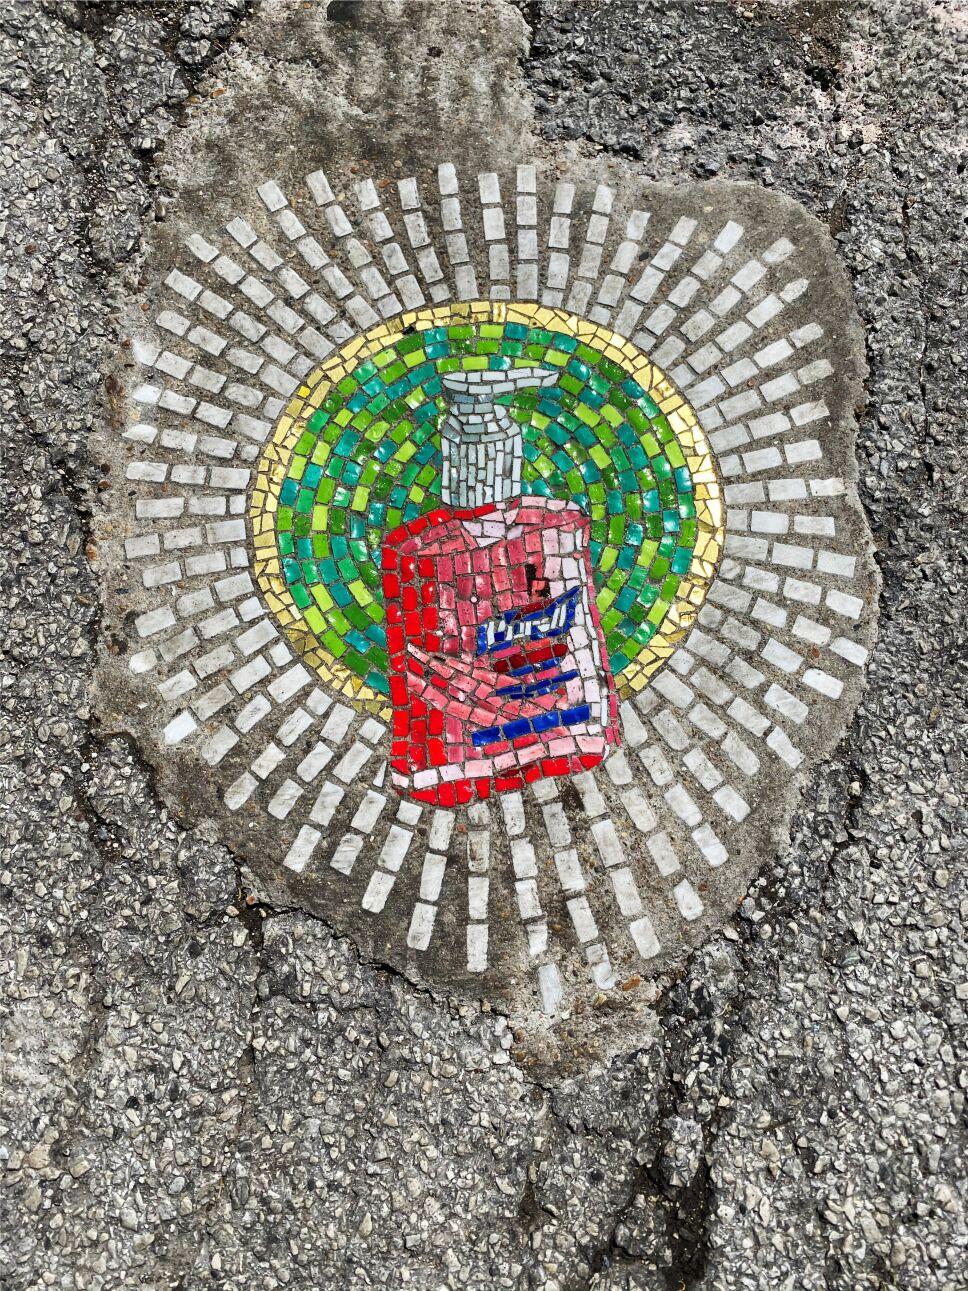 El artista de Chicago Jim Bachor crea cuatro mosaicos de baches con temas de pandemia en el lado norte de la ciudad.